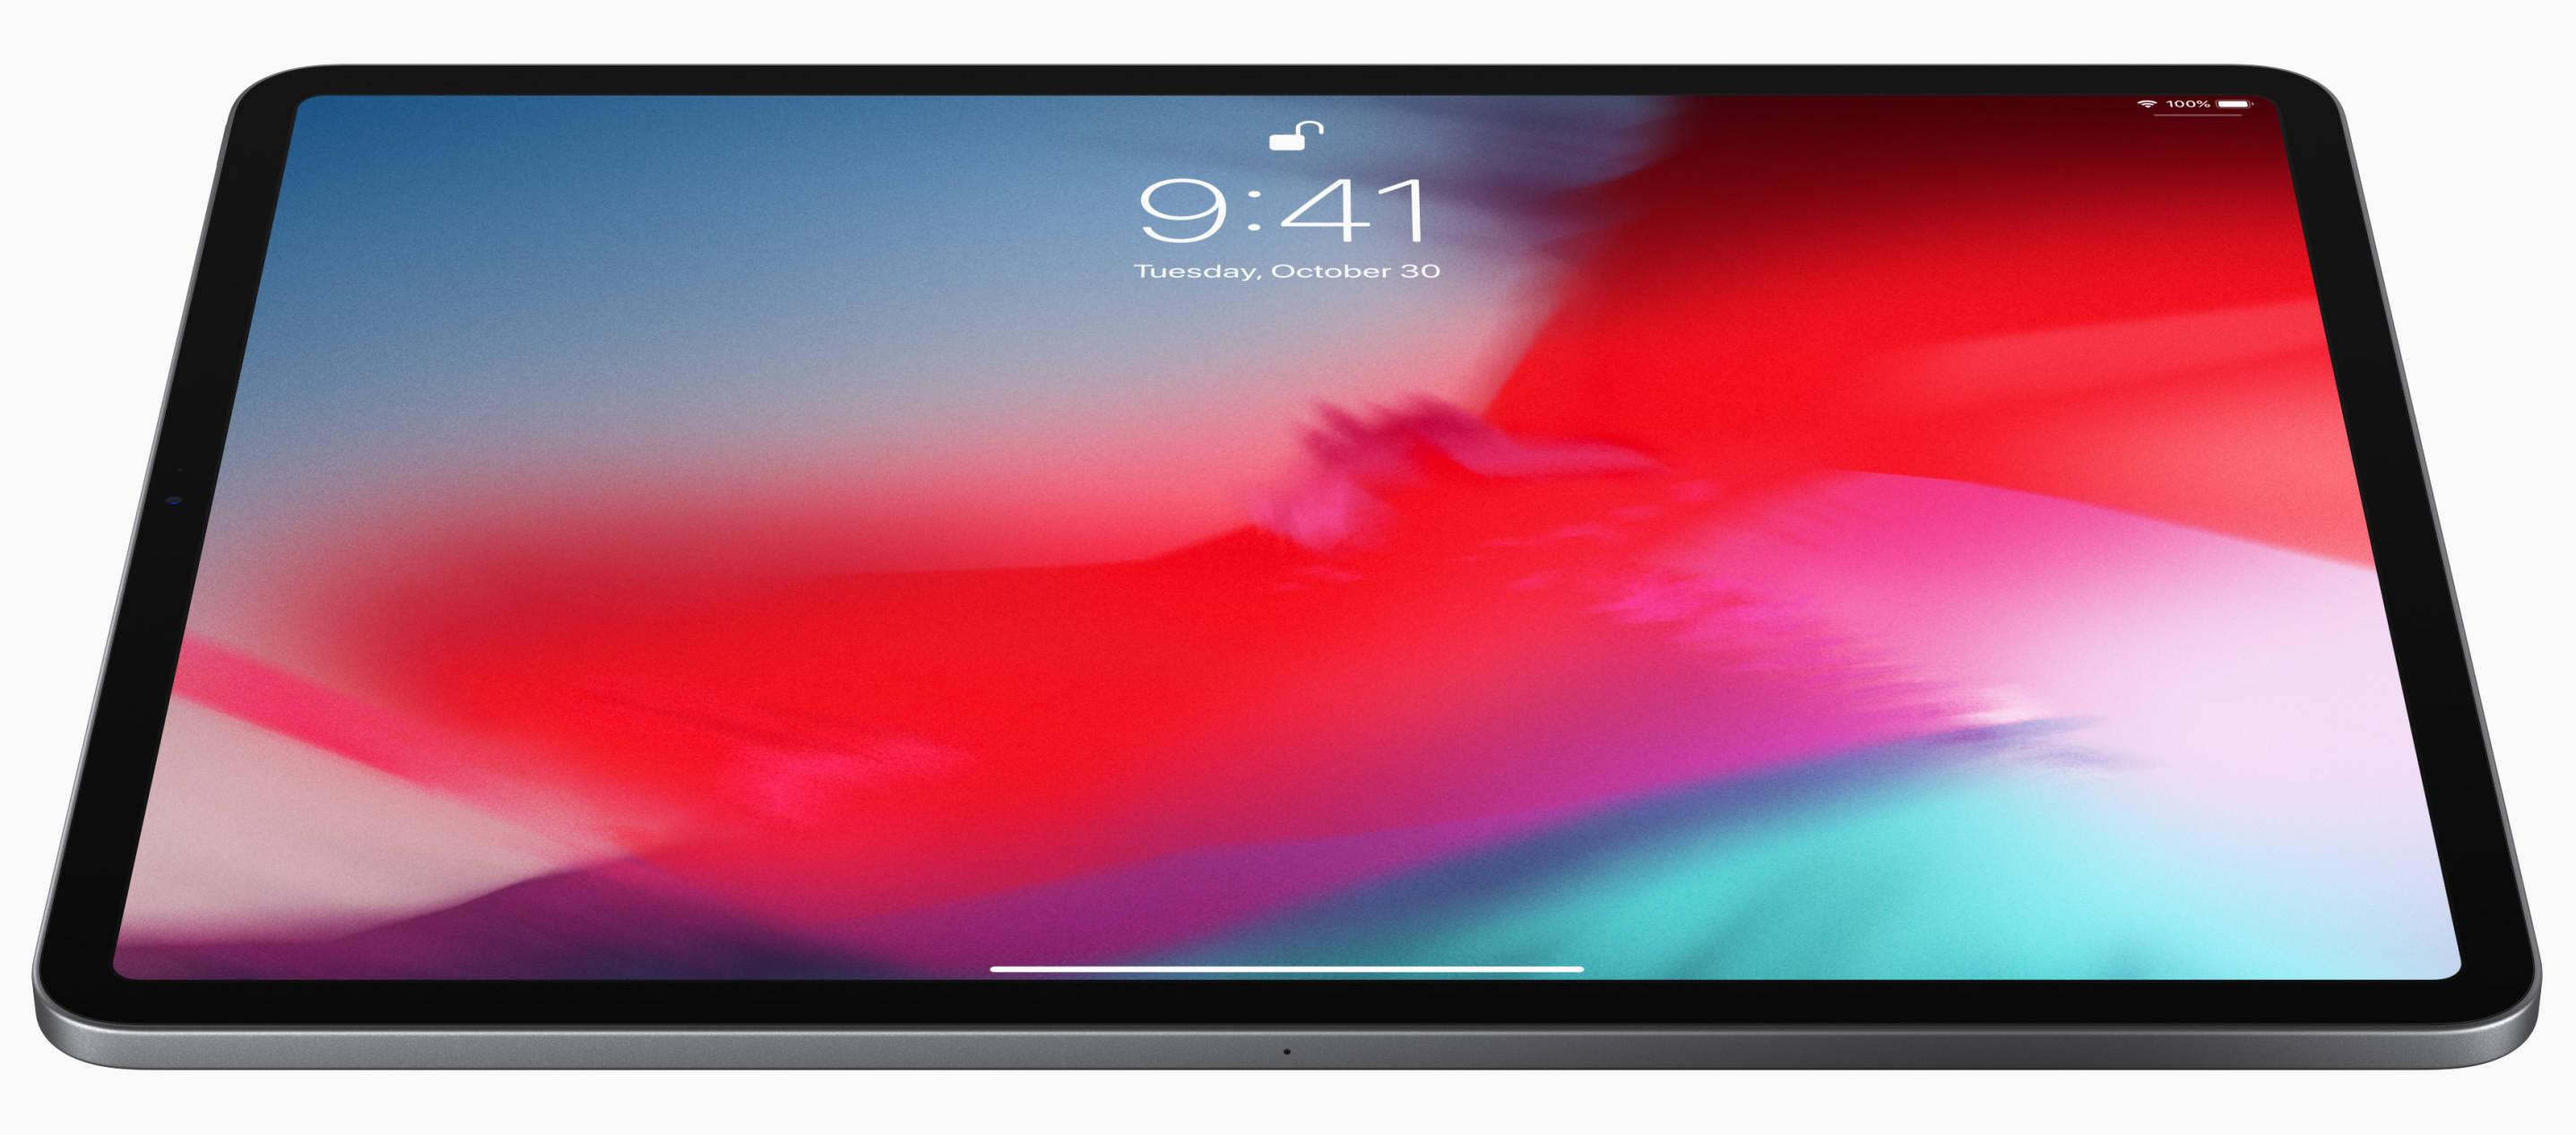 iPad Pro z 5G kiedy premiera Apple iPhone 2019 plotki przecieki